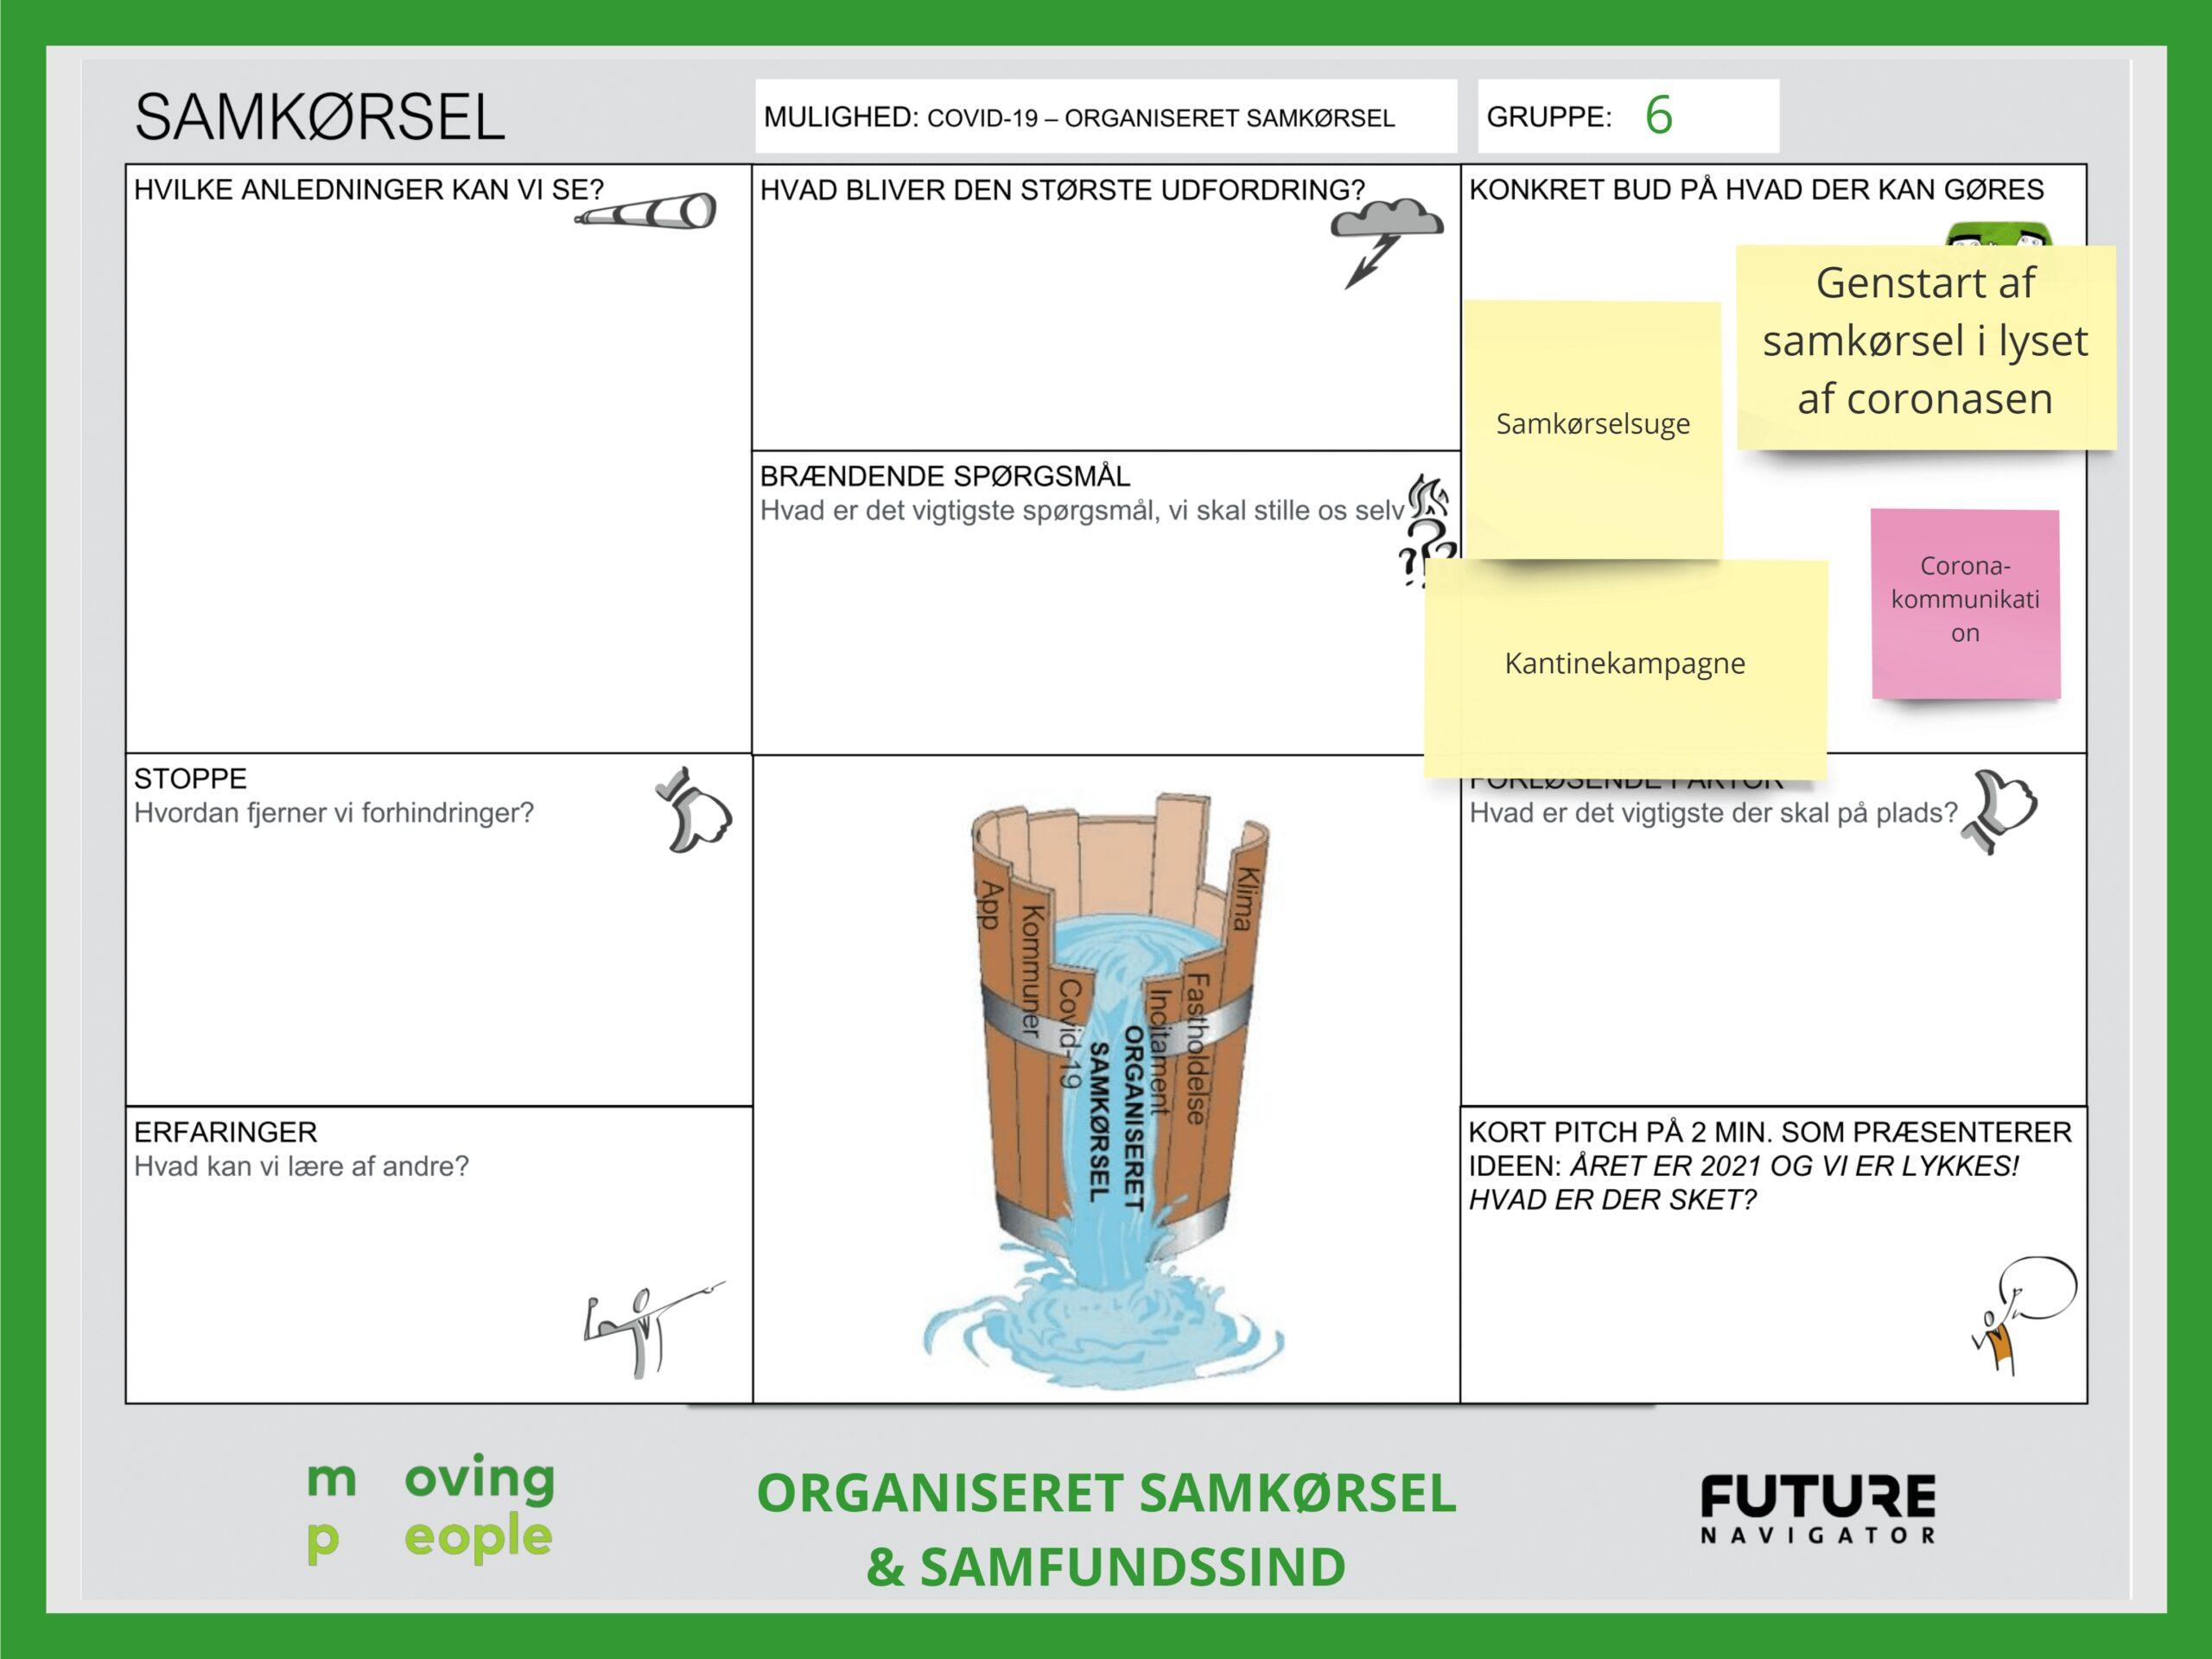 Gruppe 6 - Organiseret samkørsel og samfundssind - ORGANISERET SAMKØRSEL OG SAMFUNDSSIND